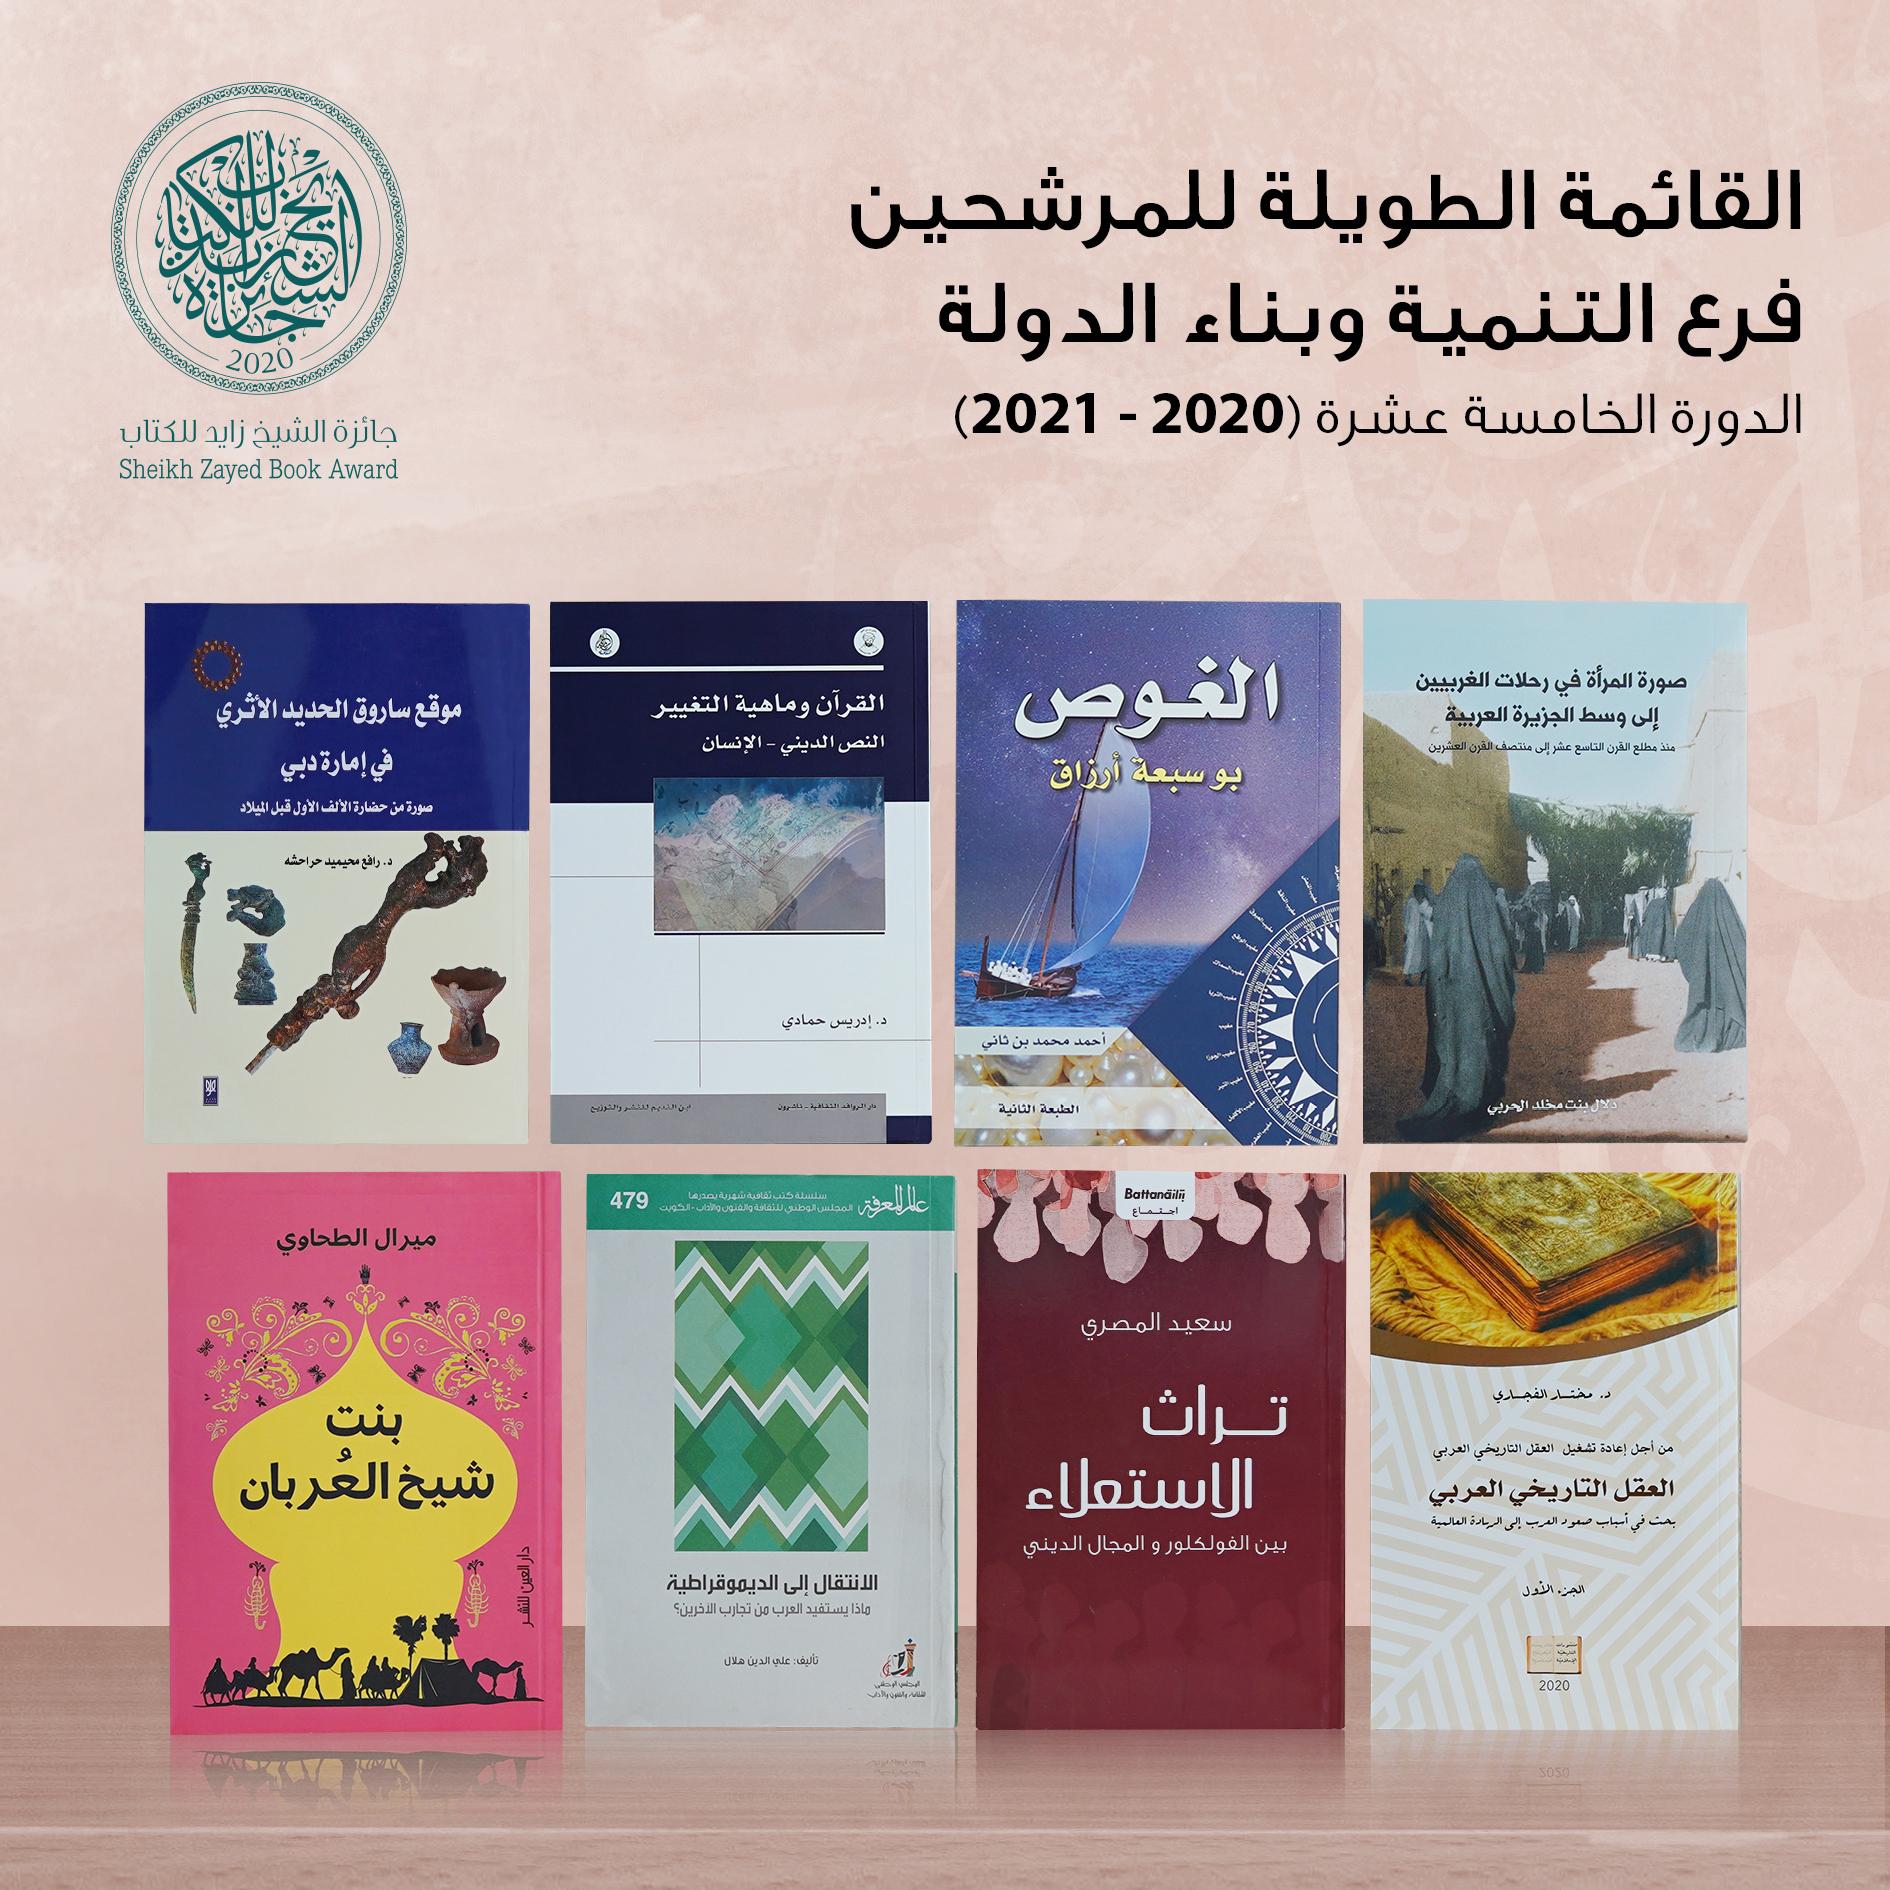 """""""زايد للكتاب"""" تعلن القائمة الطويلة لفرعي """"التنمية وبناء الدولة"""" و""""الفنون والدراسات النقدية"""""""